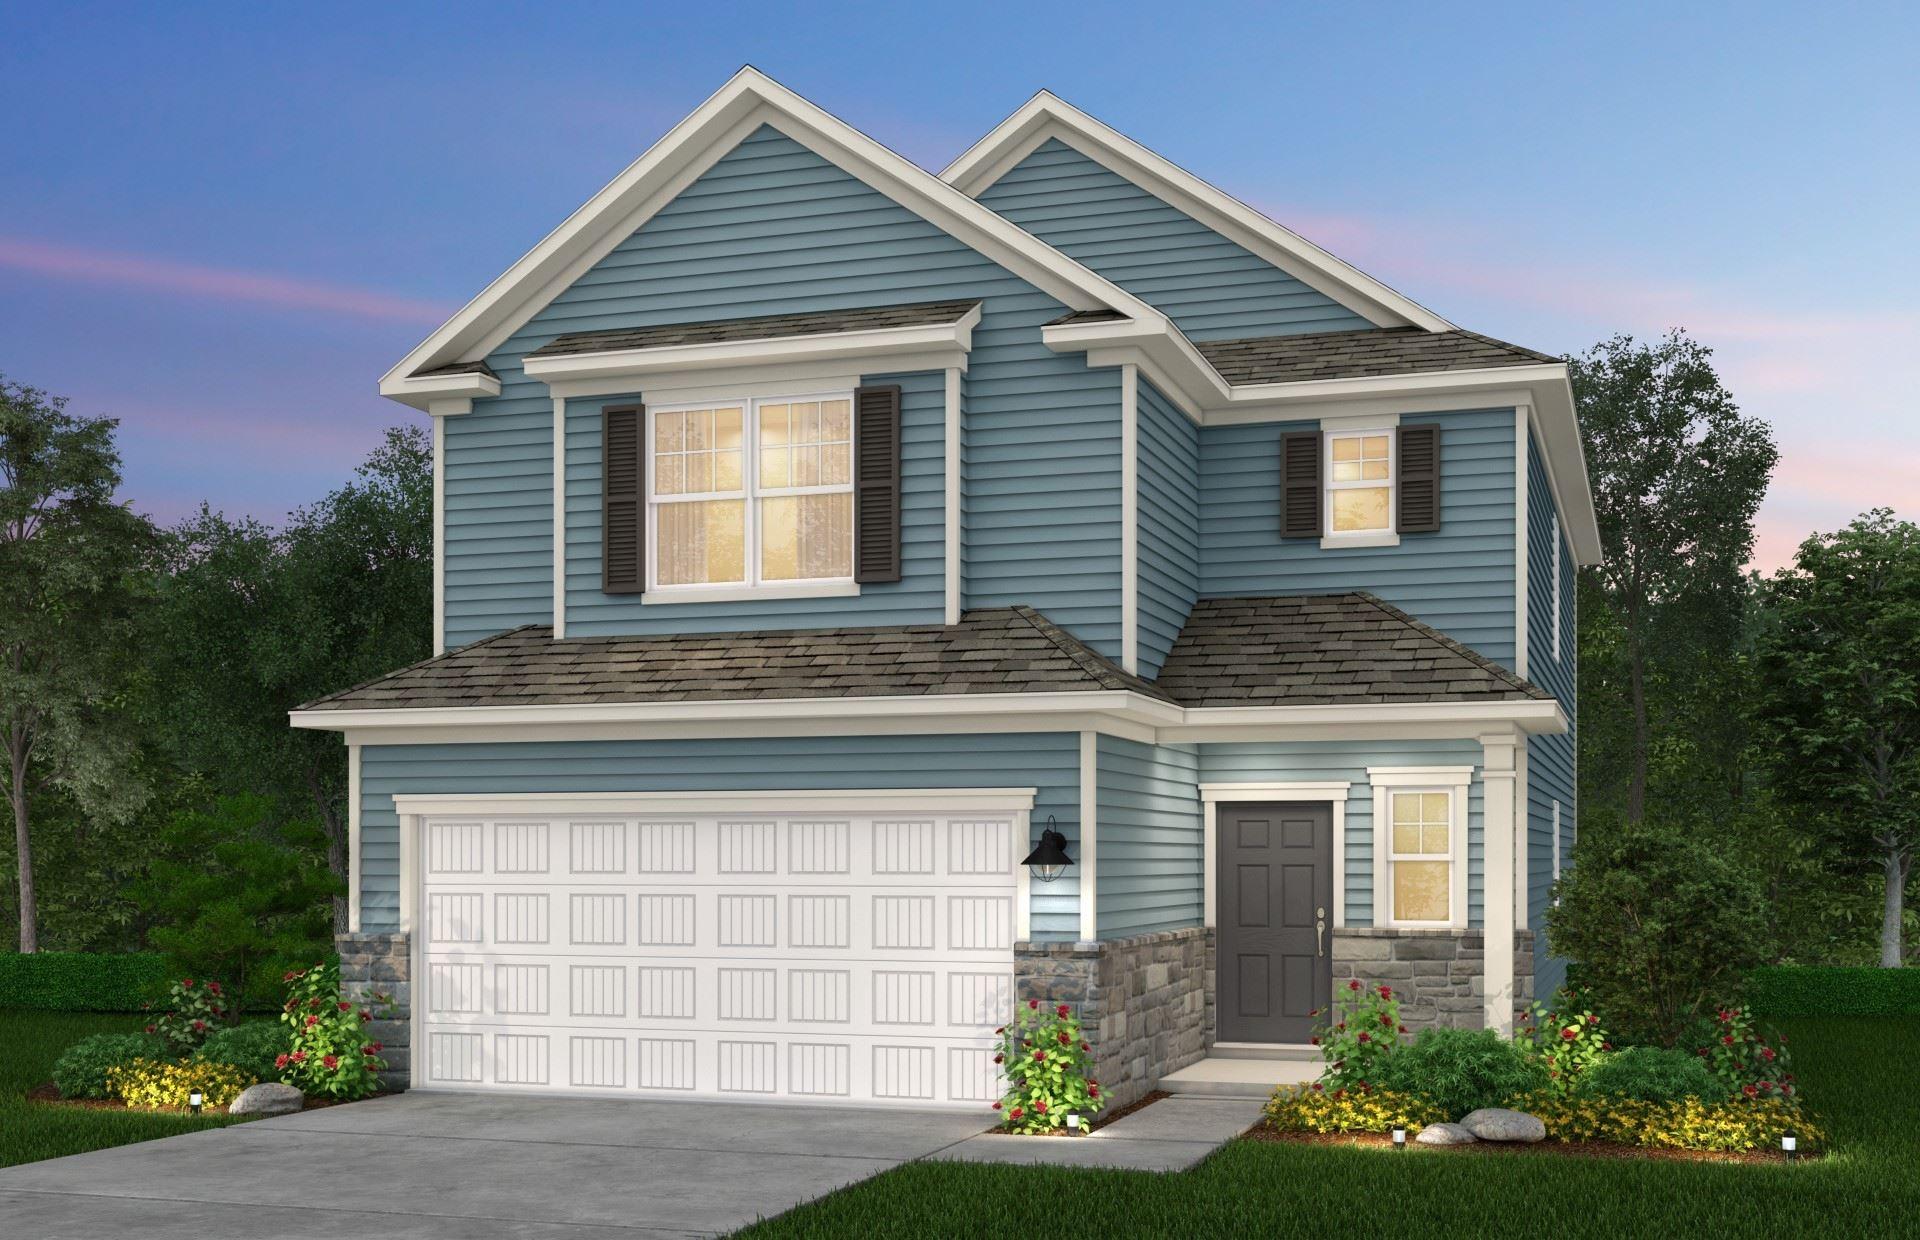 2024 Sercy Drive, Spring Hill, TN 37174 - MLS#: 2184612